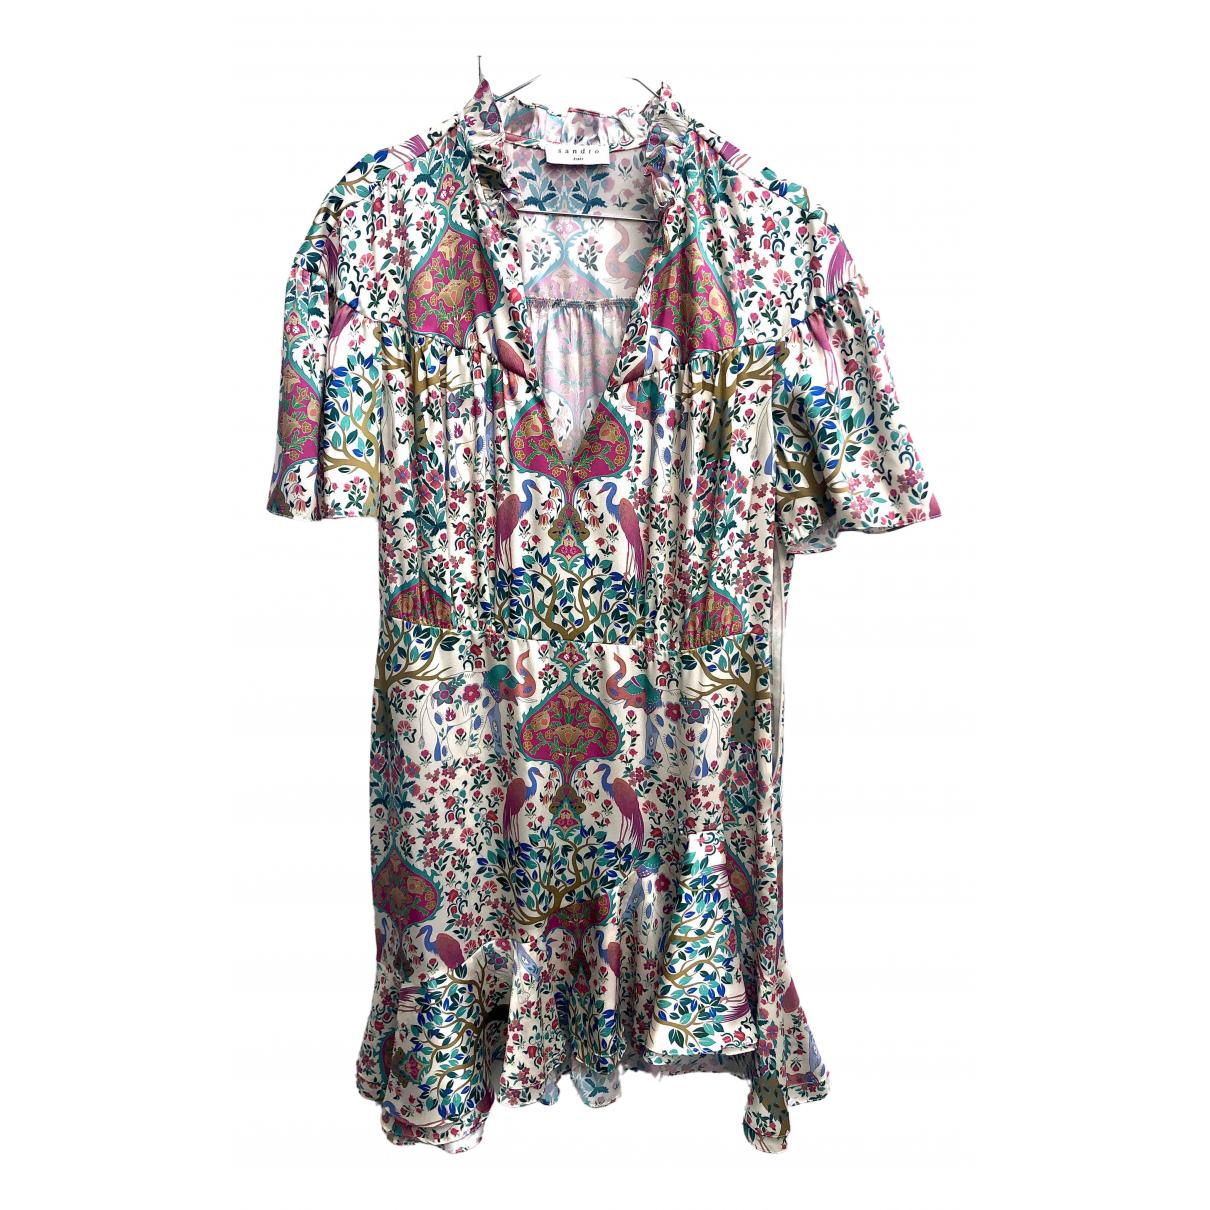 Sandro Spring Summer 2020 Multicolour dress for Women 42 FR